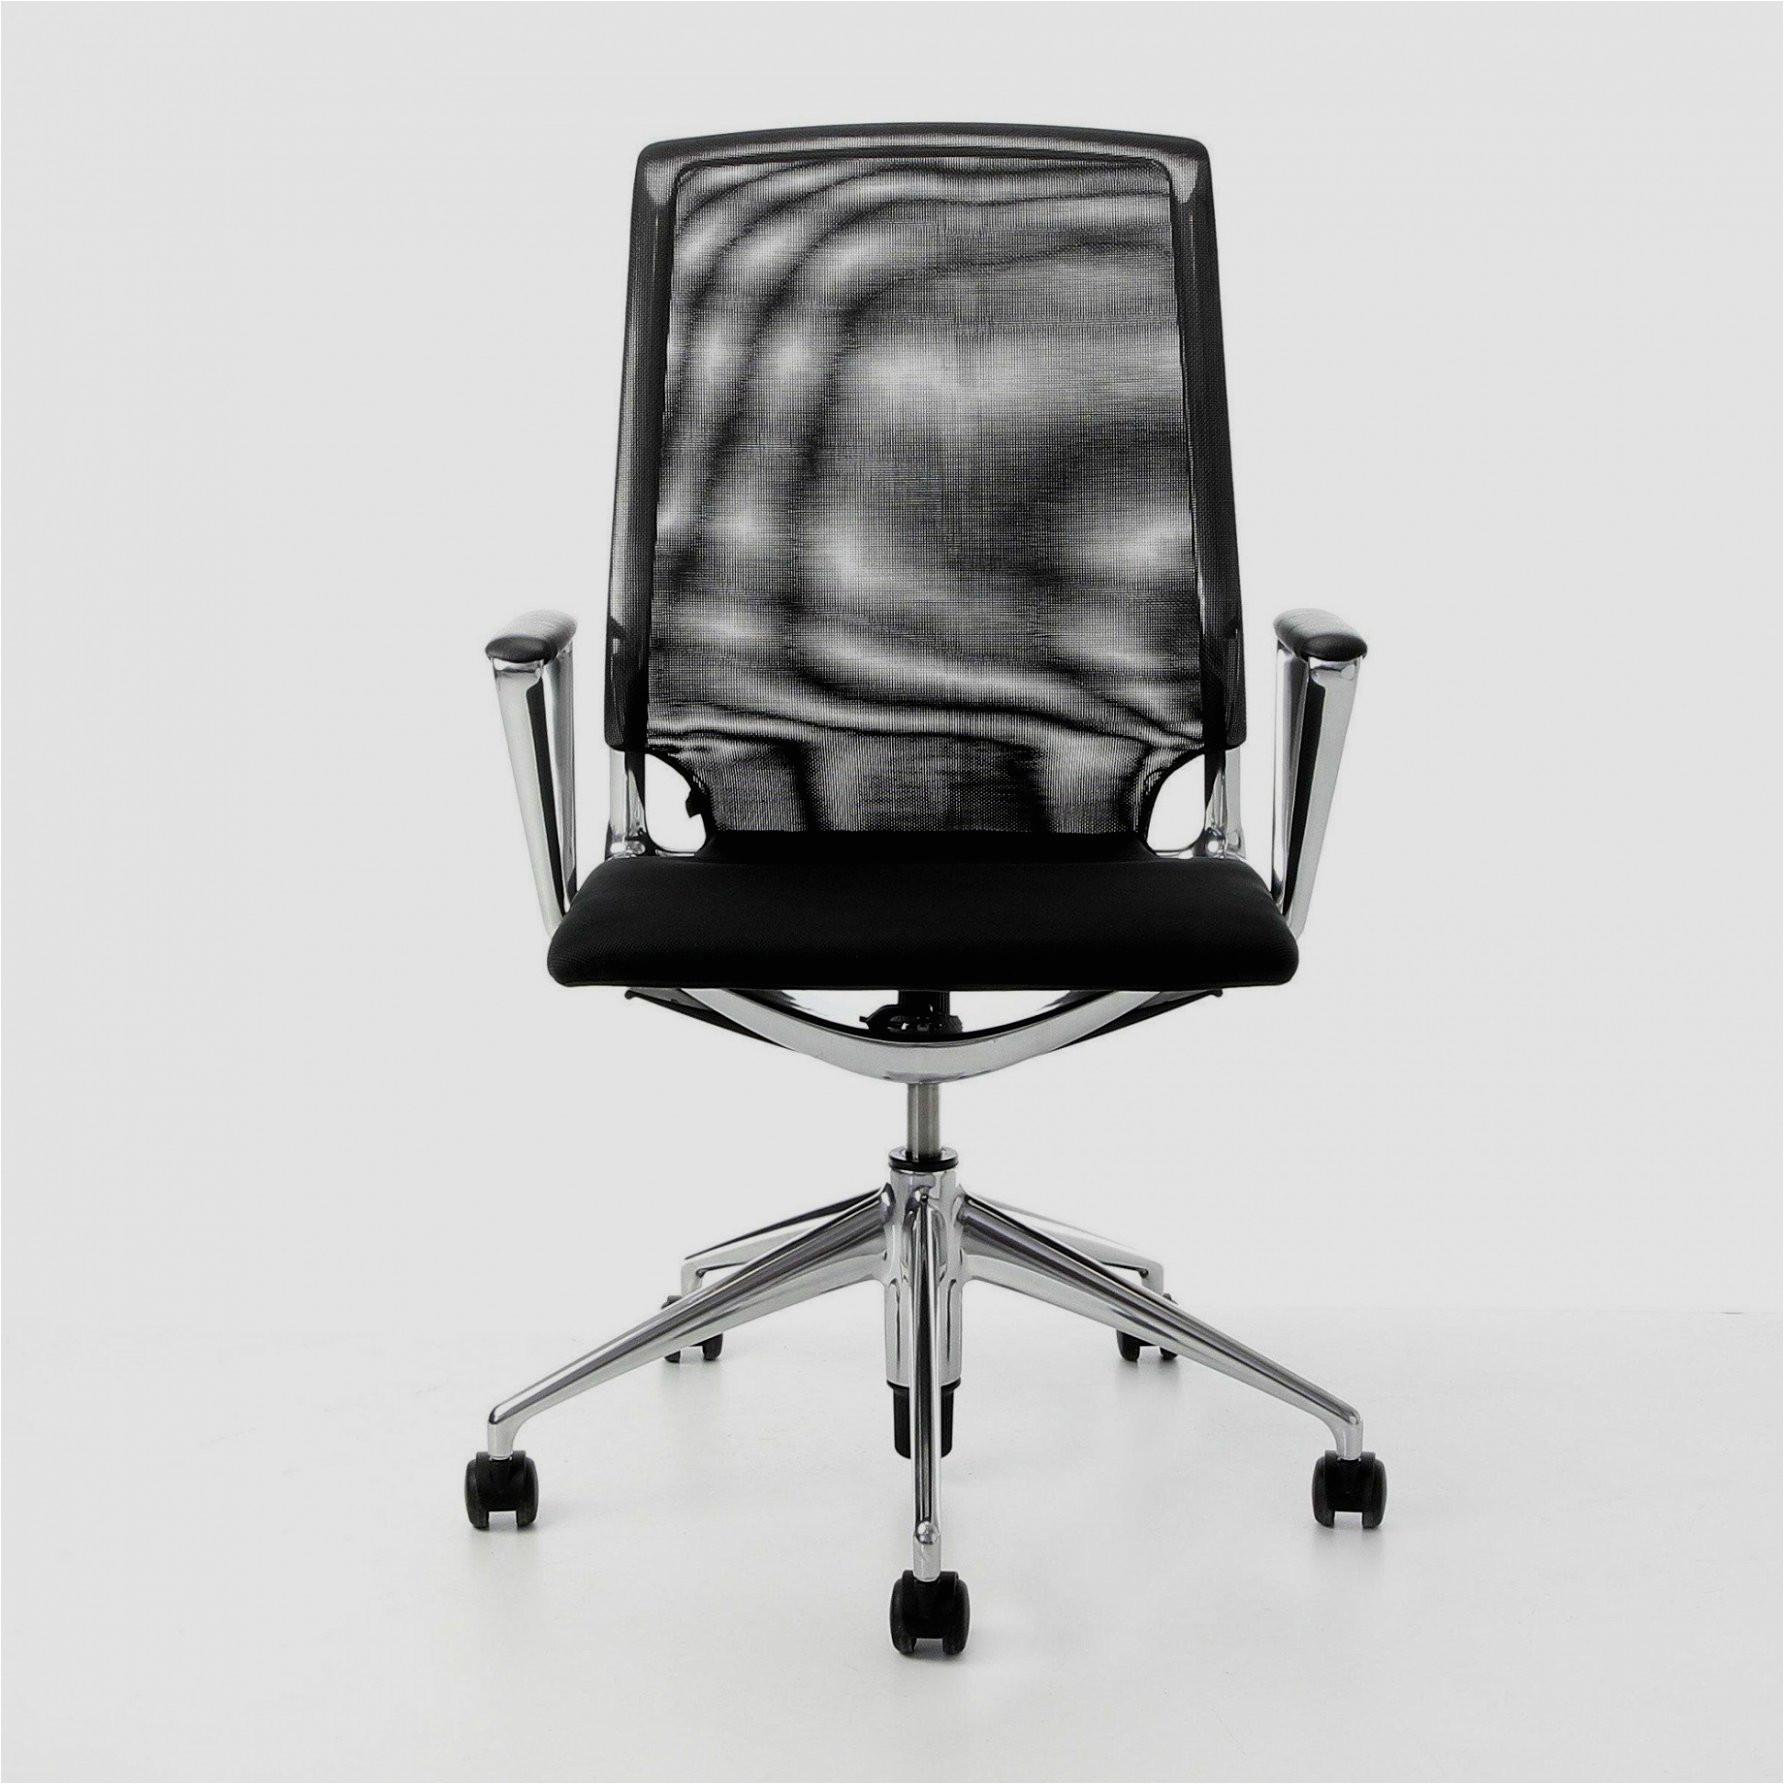 25 especial sillas de oficina baratas